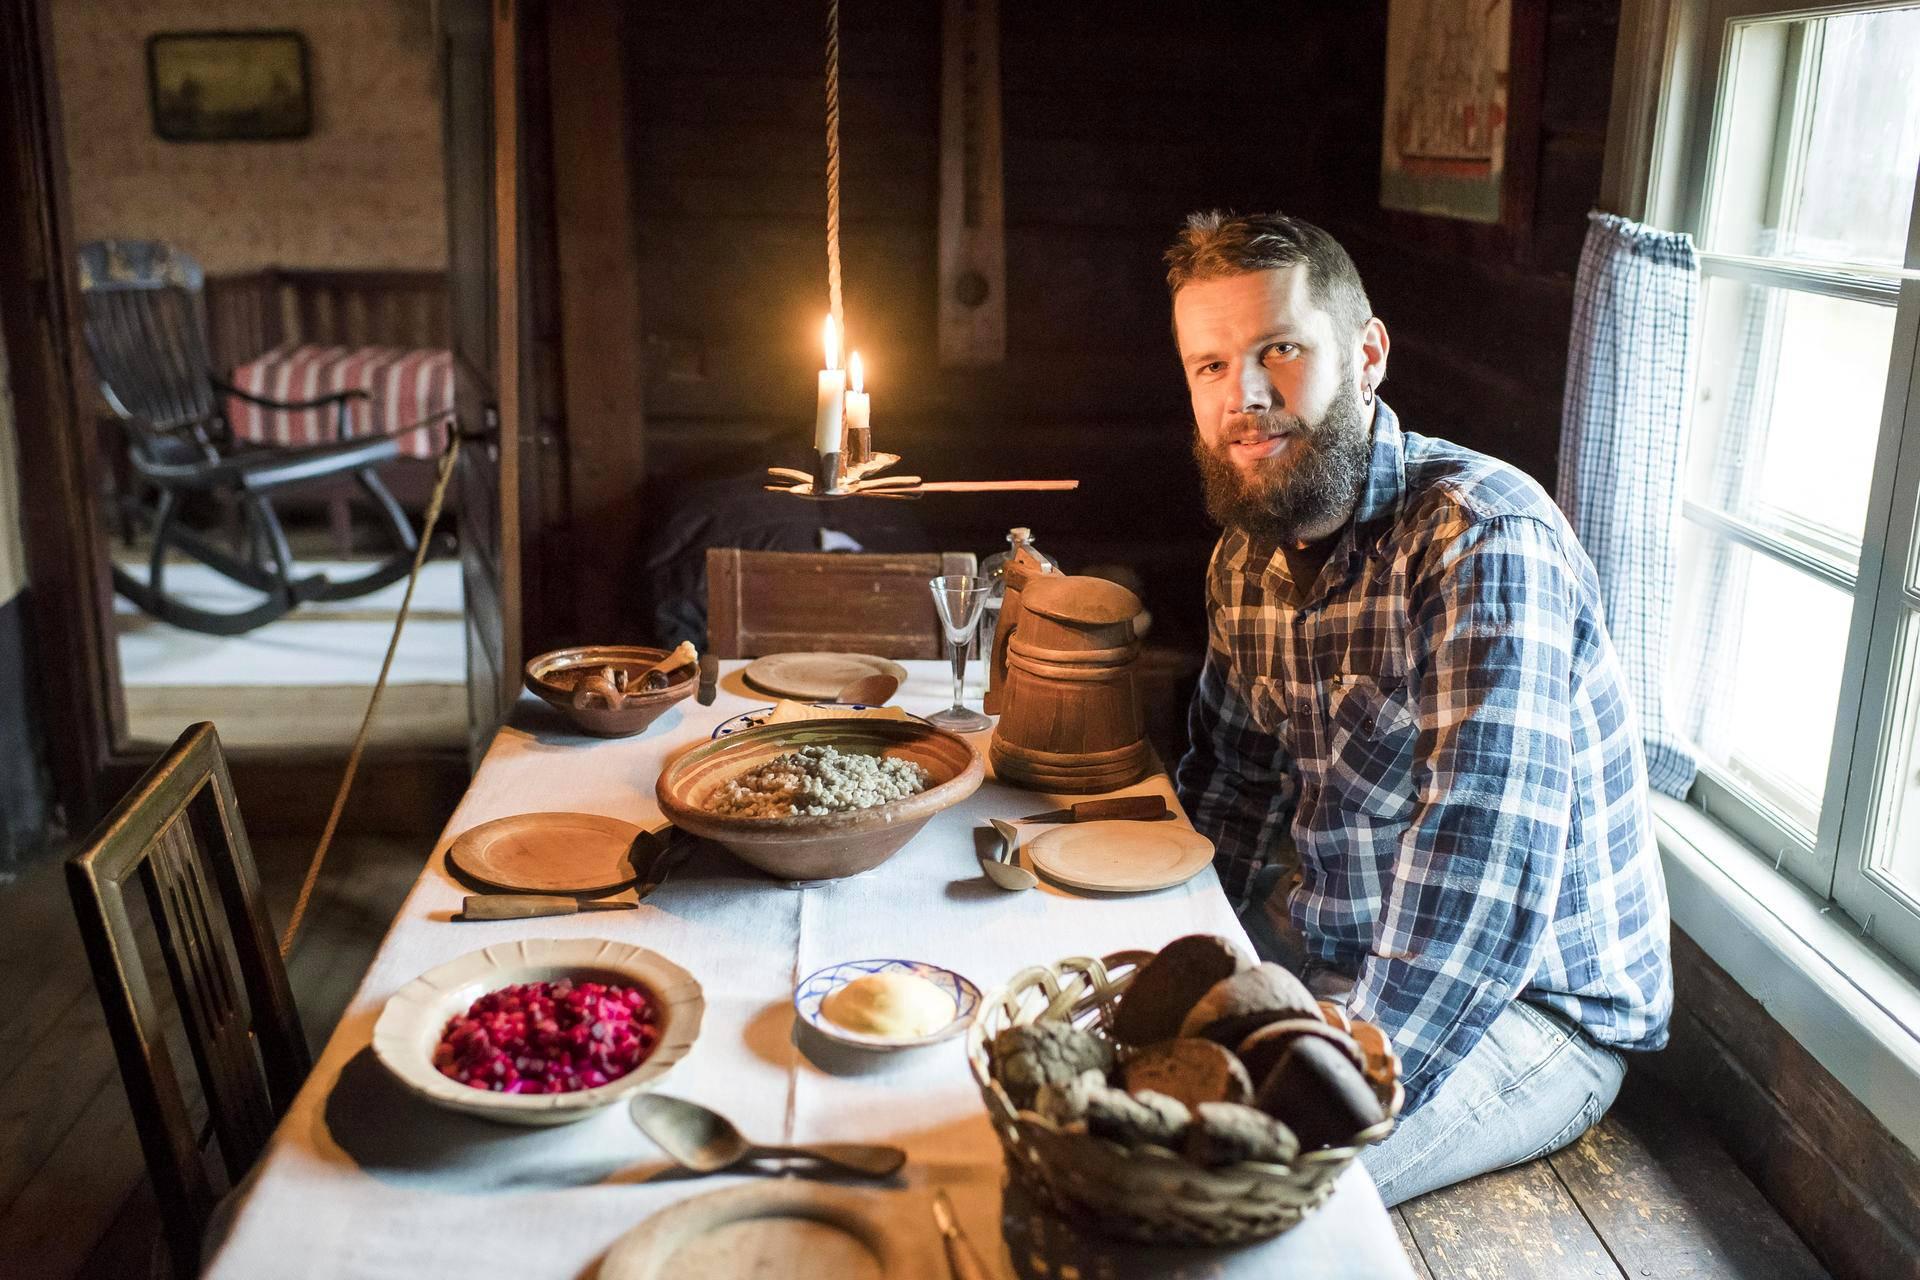 Folkloristi John Björkman Turun Luostarinmäen käsityöläismuseon joulupöydässä. Leipä, puuro ja olut ovat kuuluneet suomalaiseen joulupöytään aina.